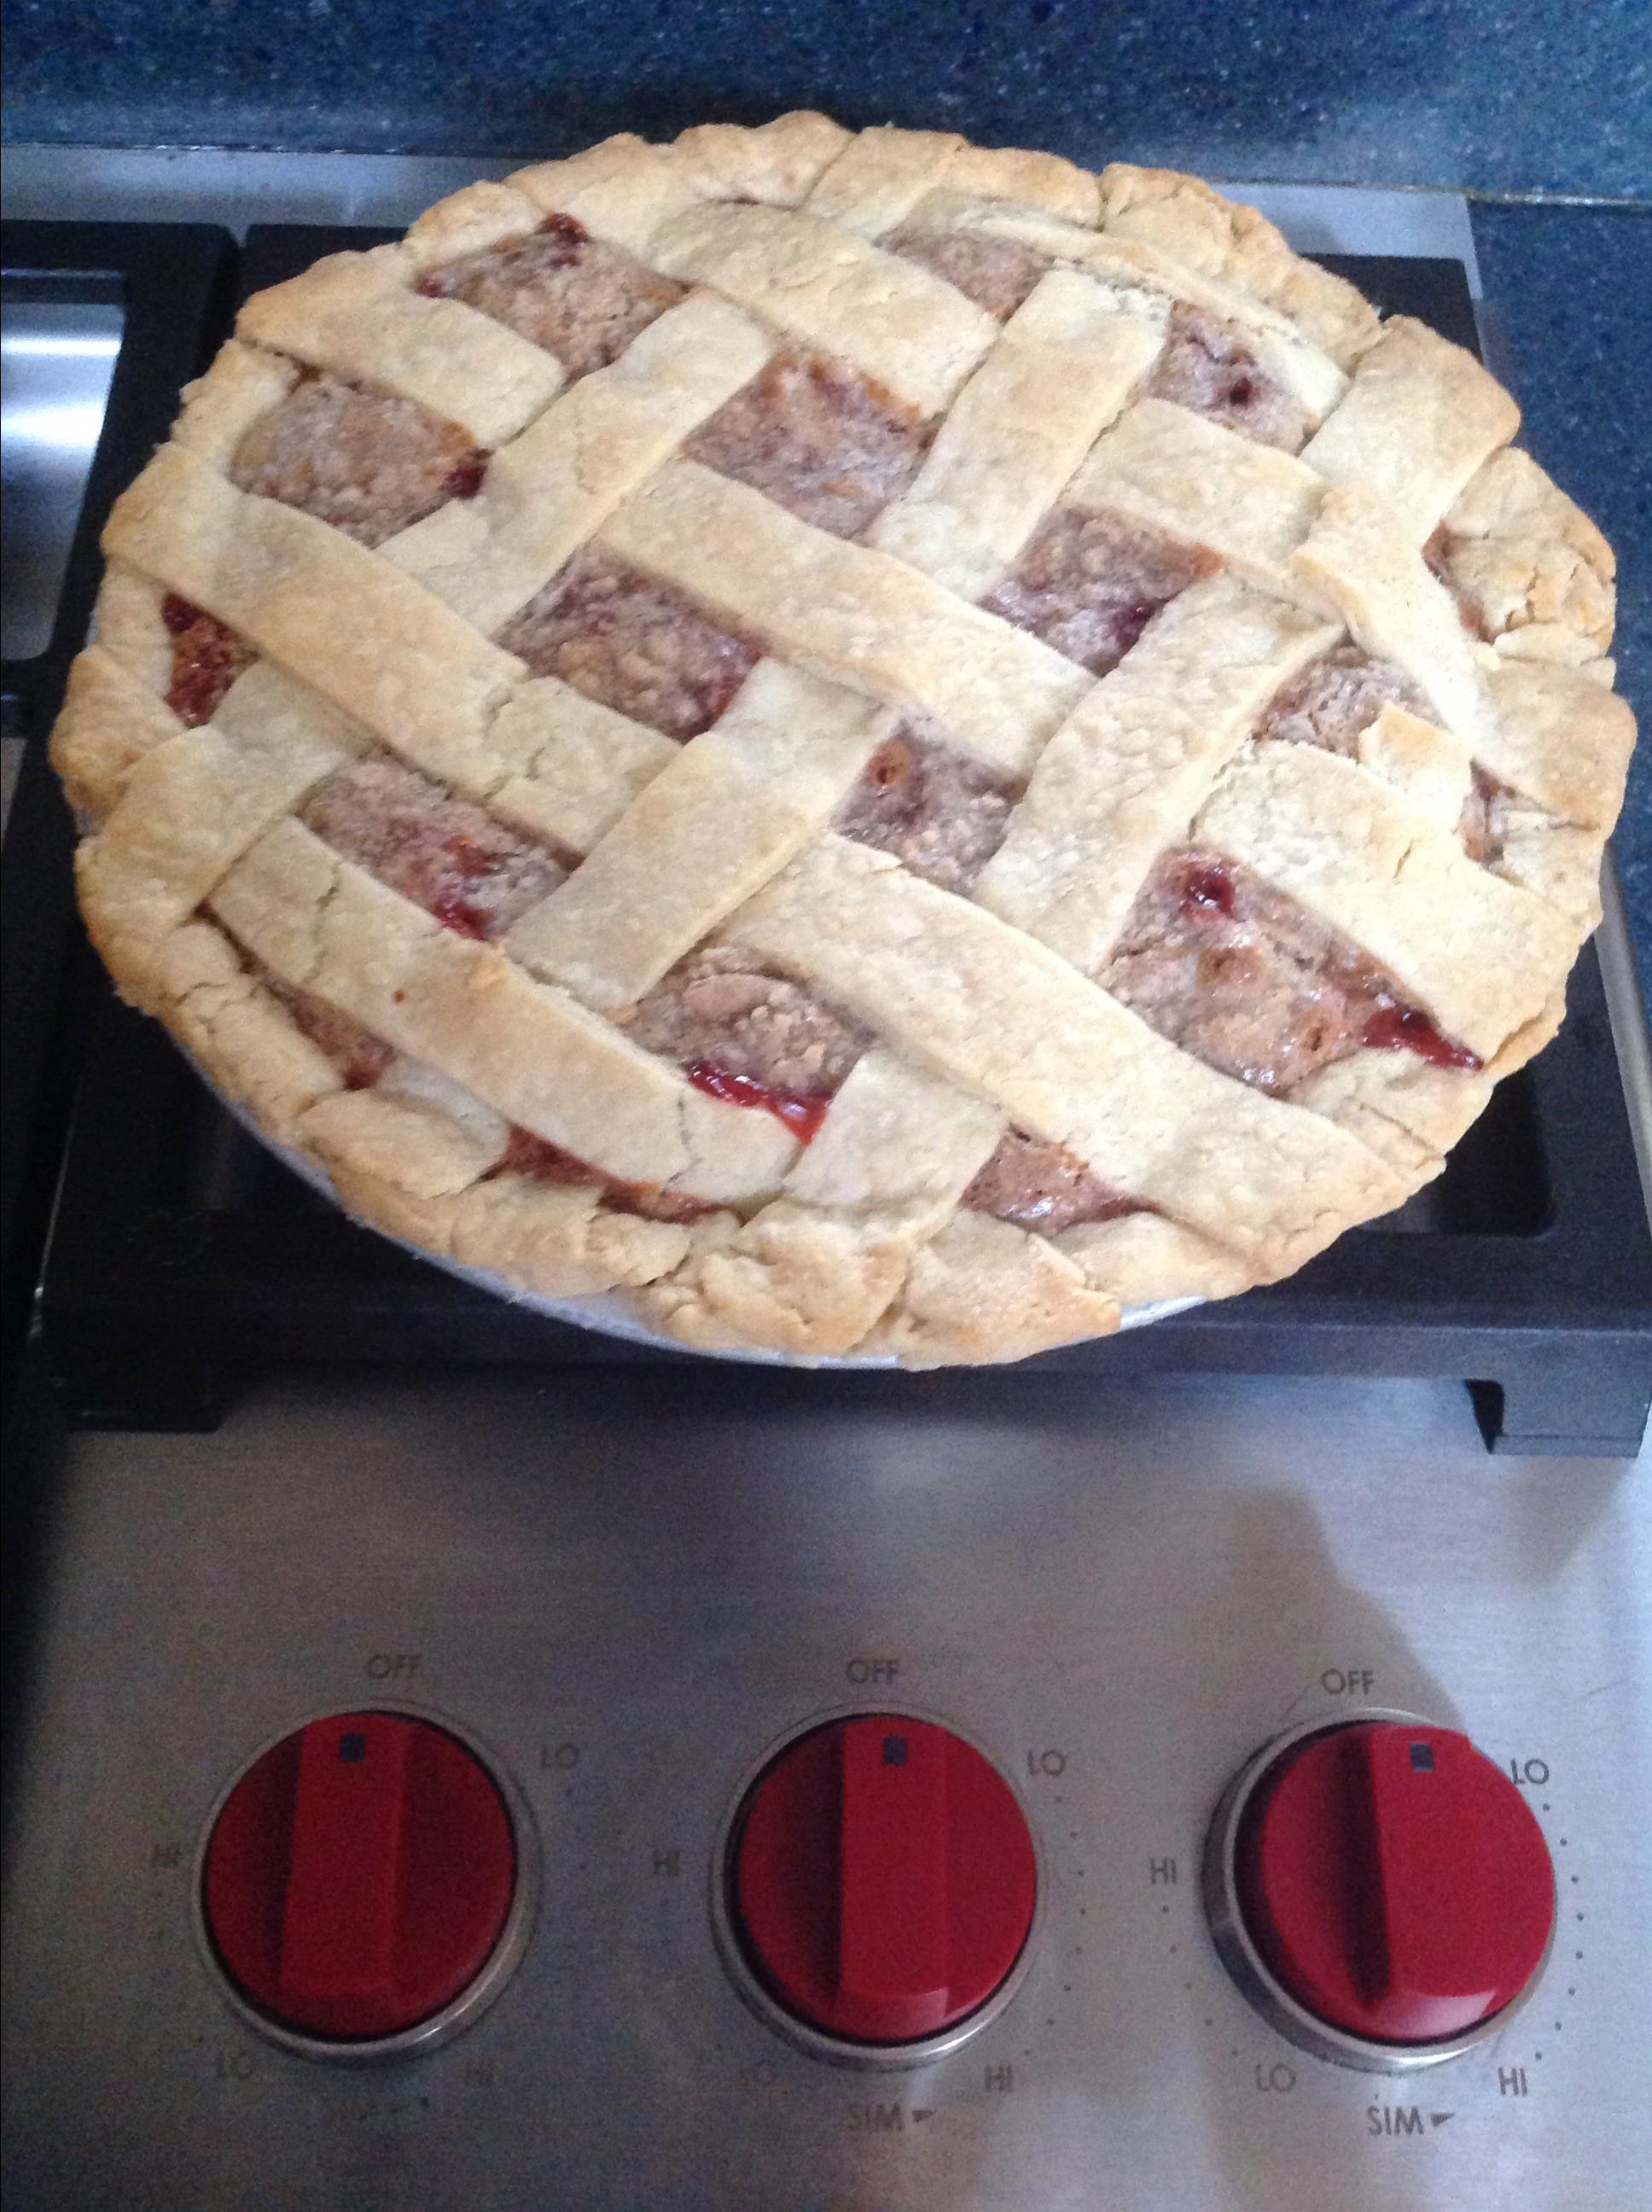 Buffalochef's Strawberry Rhubarb Pie cornfed